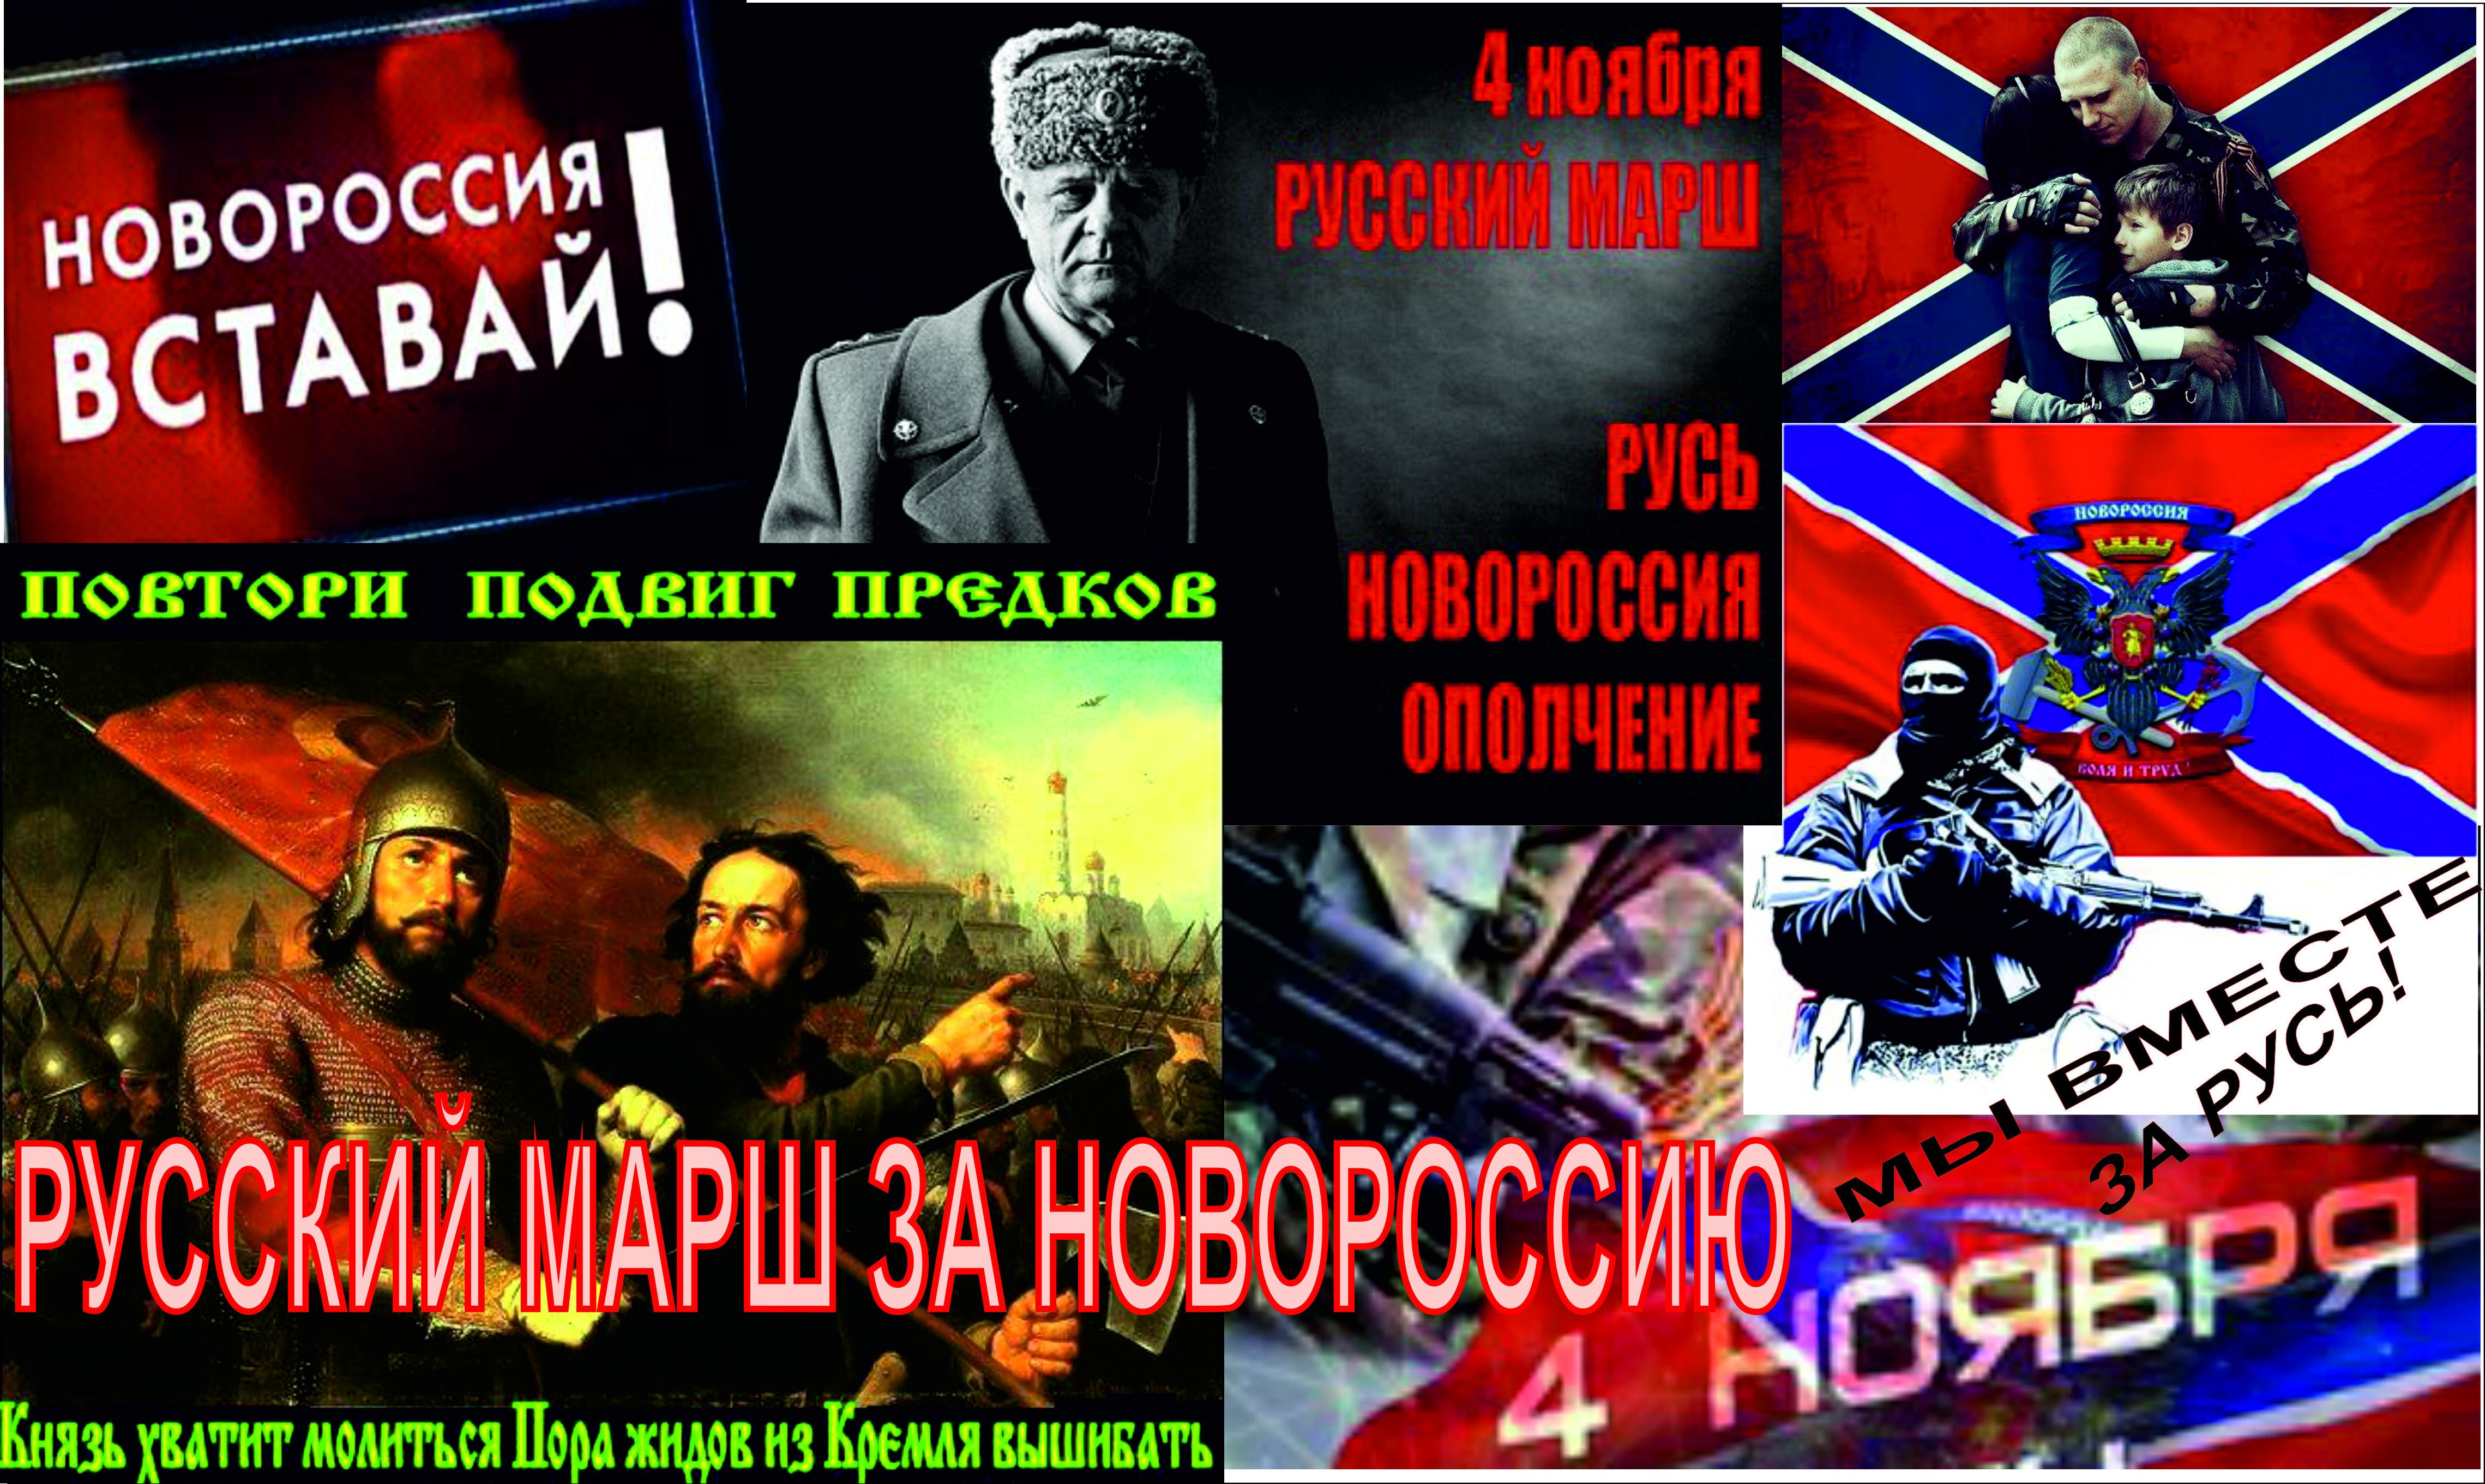 Человек экс-министра Захарченко пытается вернуться во власть, используя освобожденных бойцов АТО - Цензор.НЕТ 2686